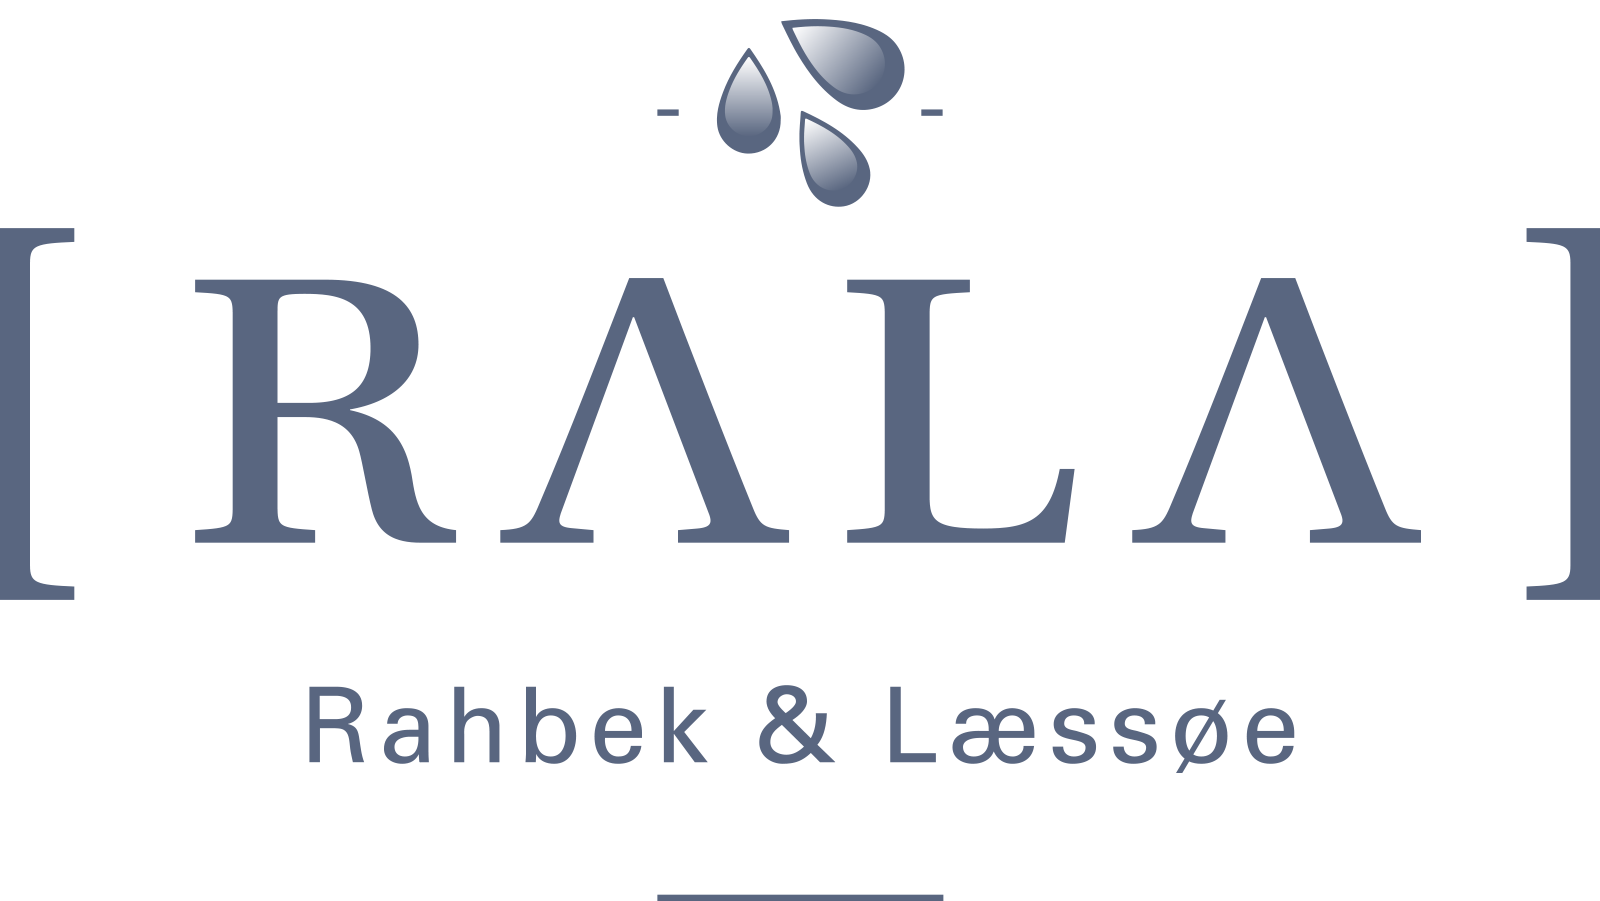 Rahbek & Læssøe